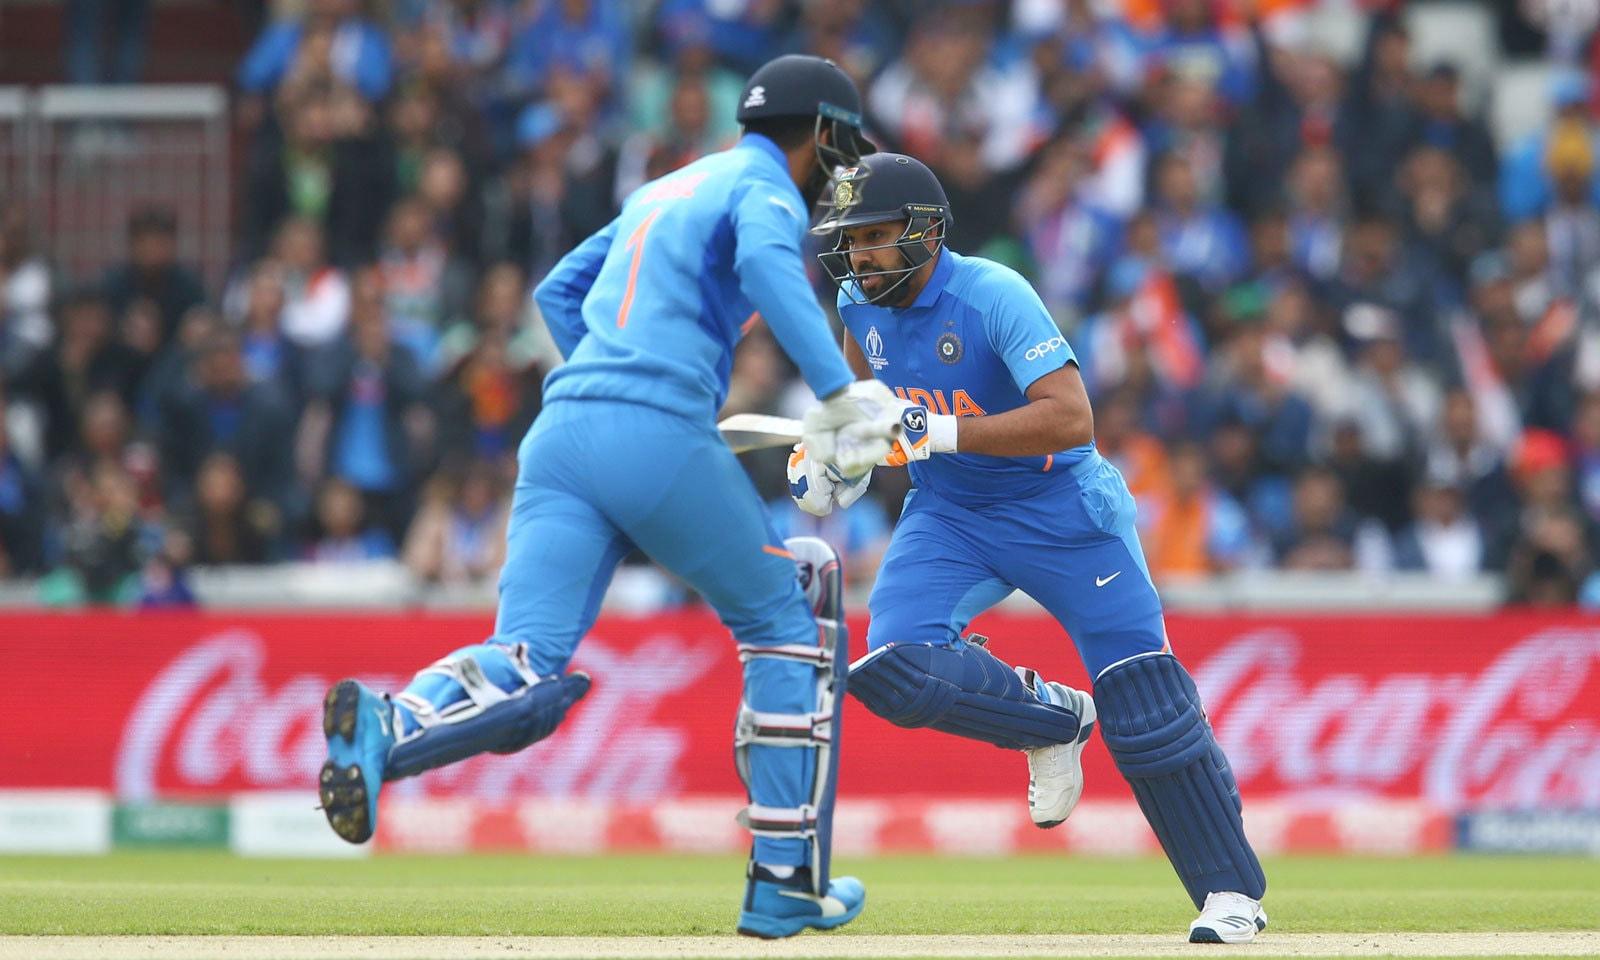 بھارتی اوپنرز روہت شرما اور لوکیش راہل نے اپنی ٹیم کو 136رنز کا عمدہ آغاز فراہم کیا— فوٹو: اے پی